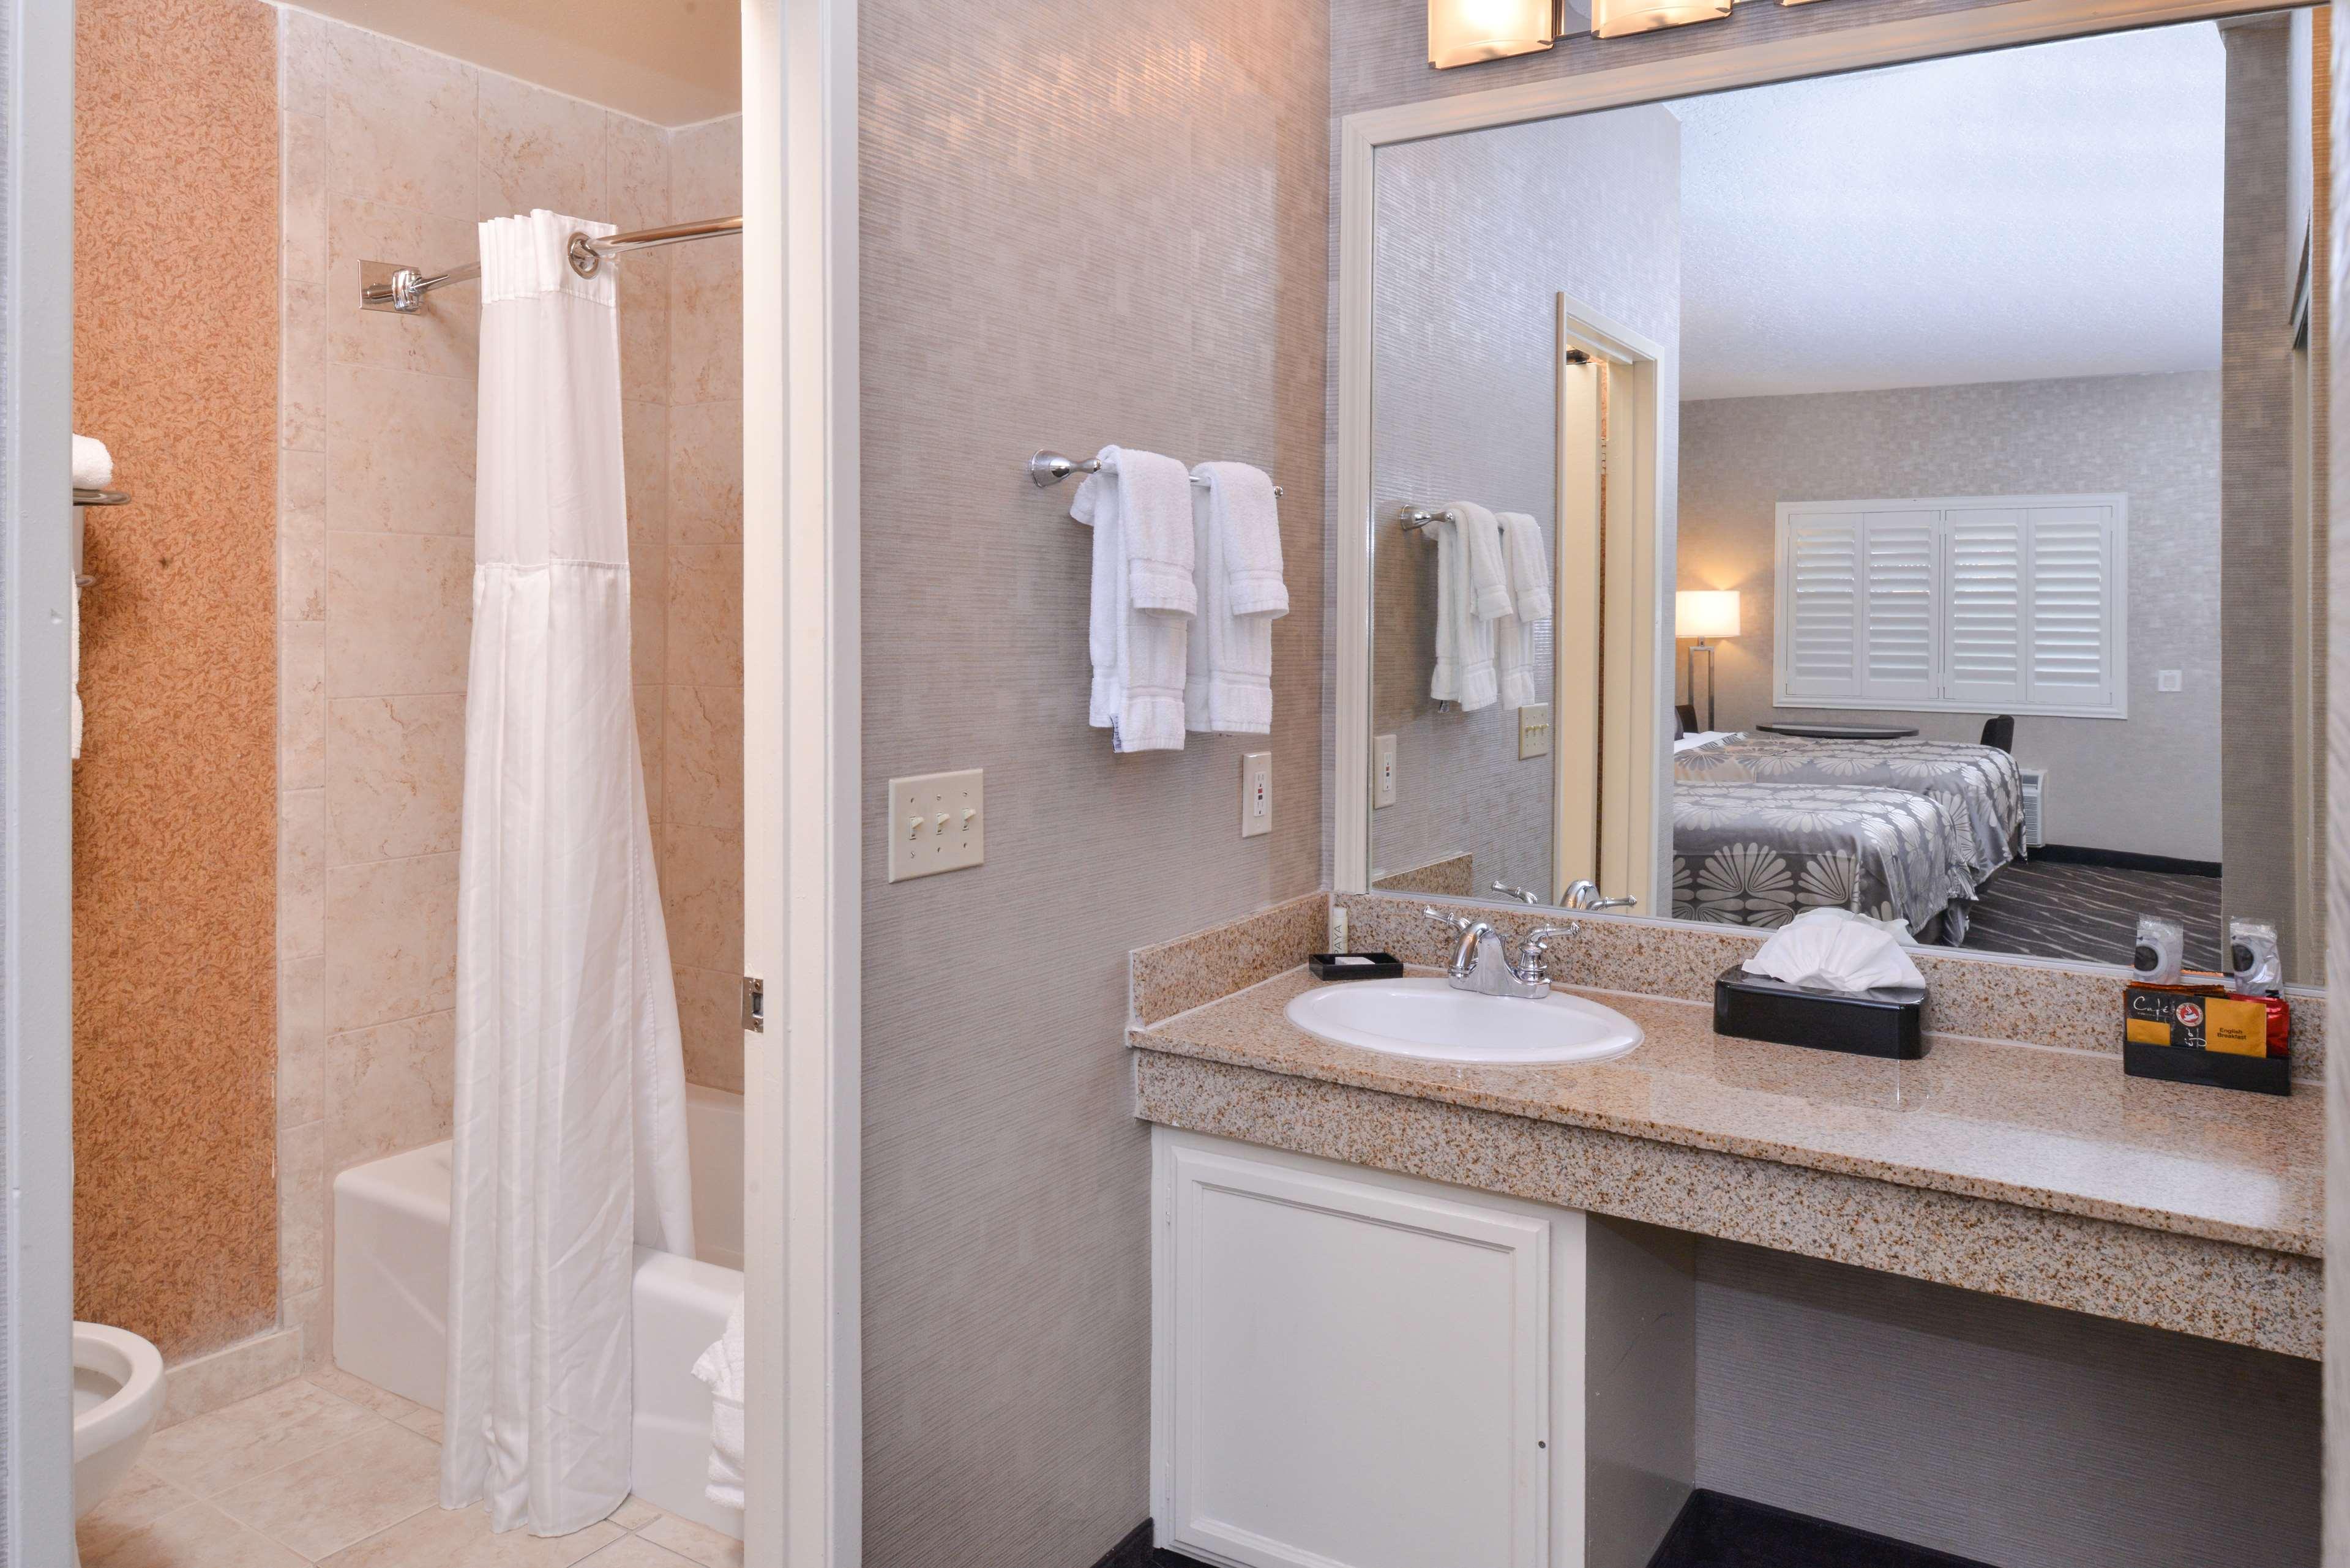 Best Western Plus Park Place Inn - Mini Suites image 26